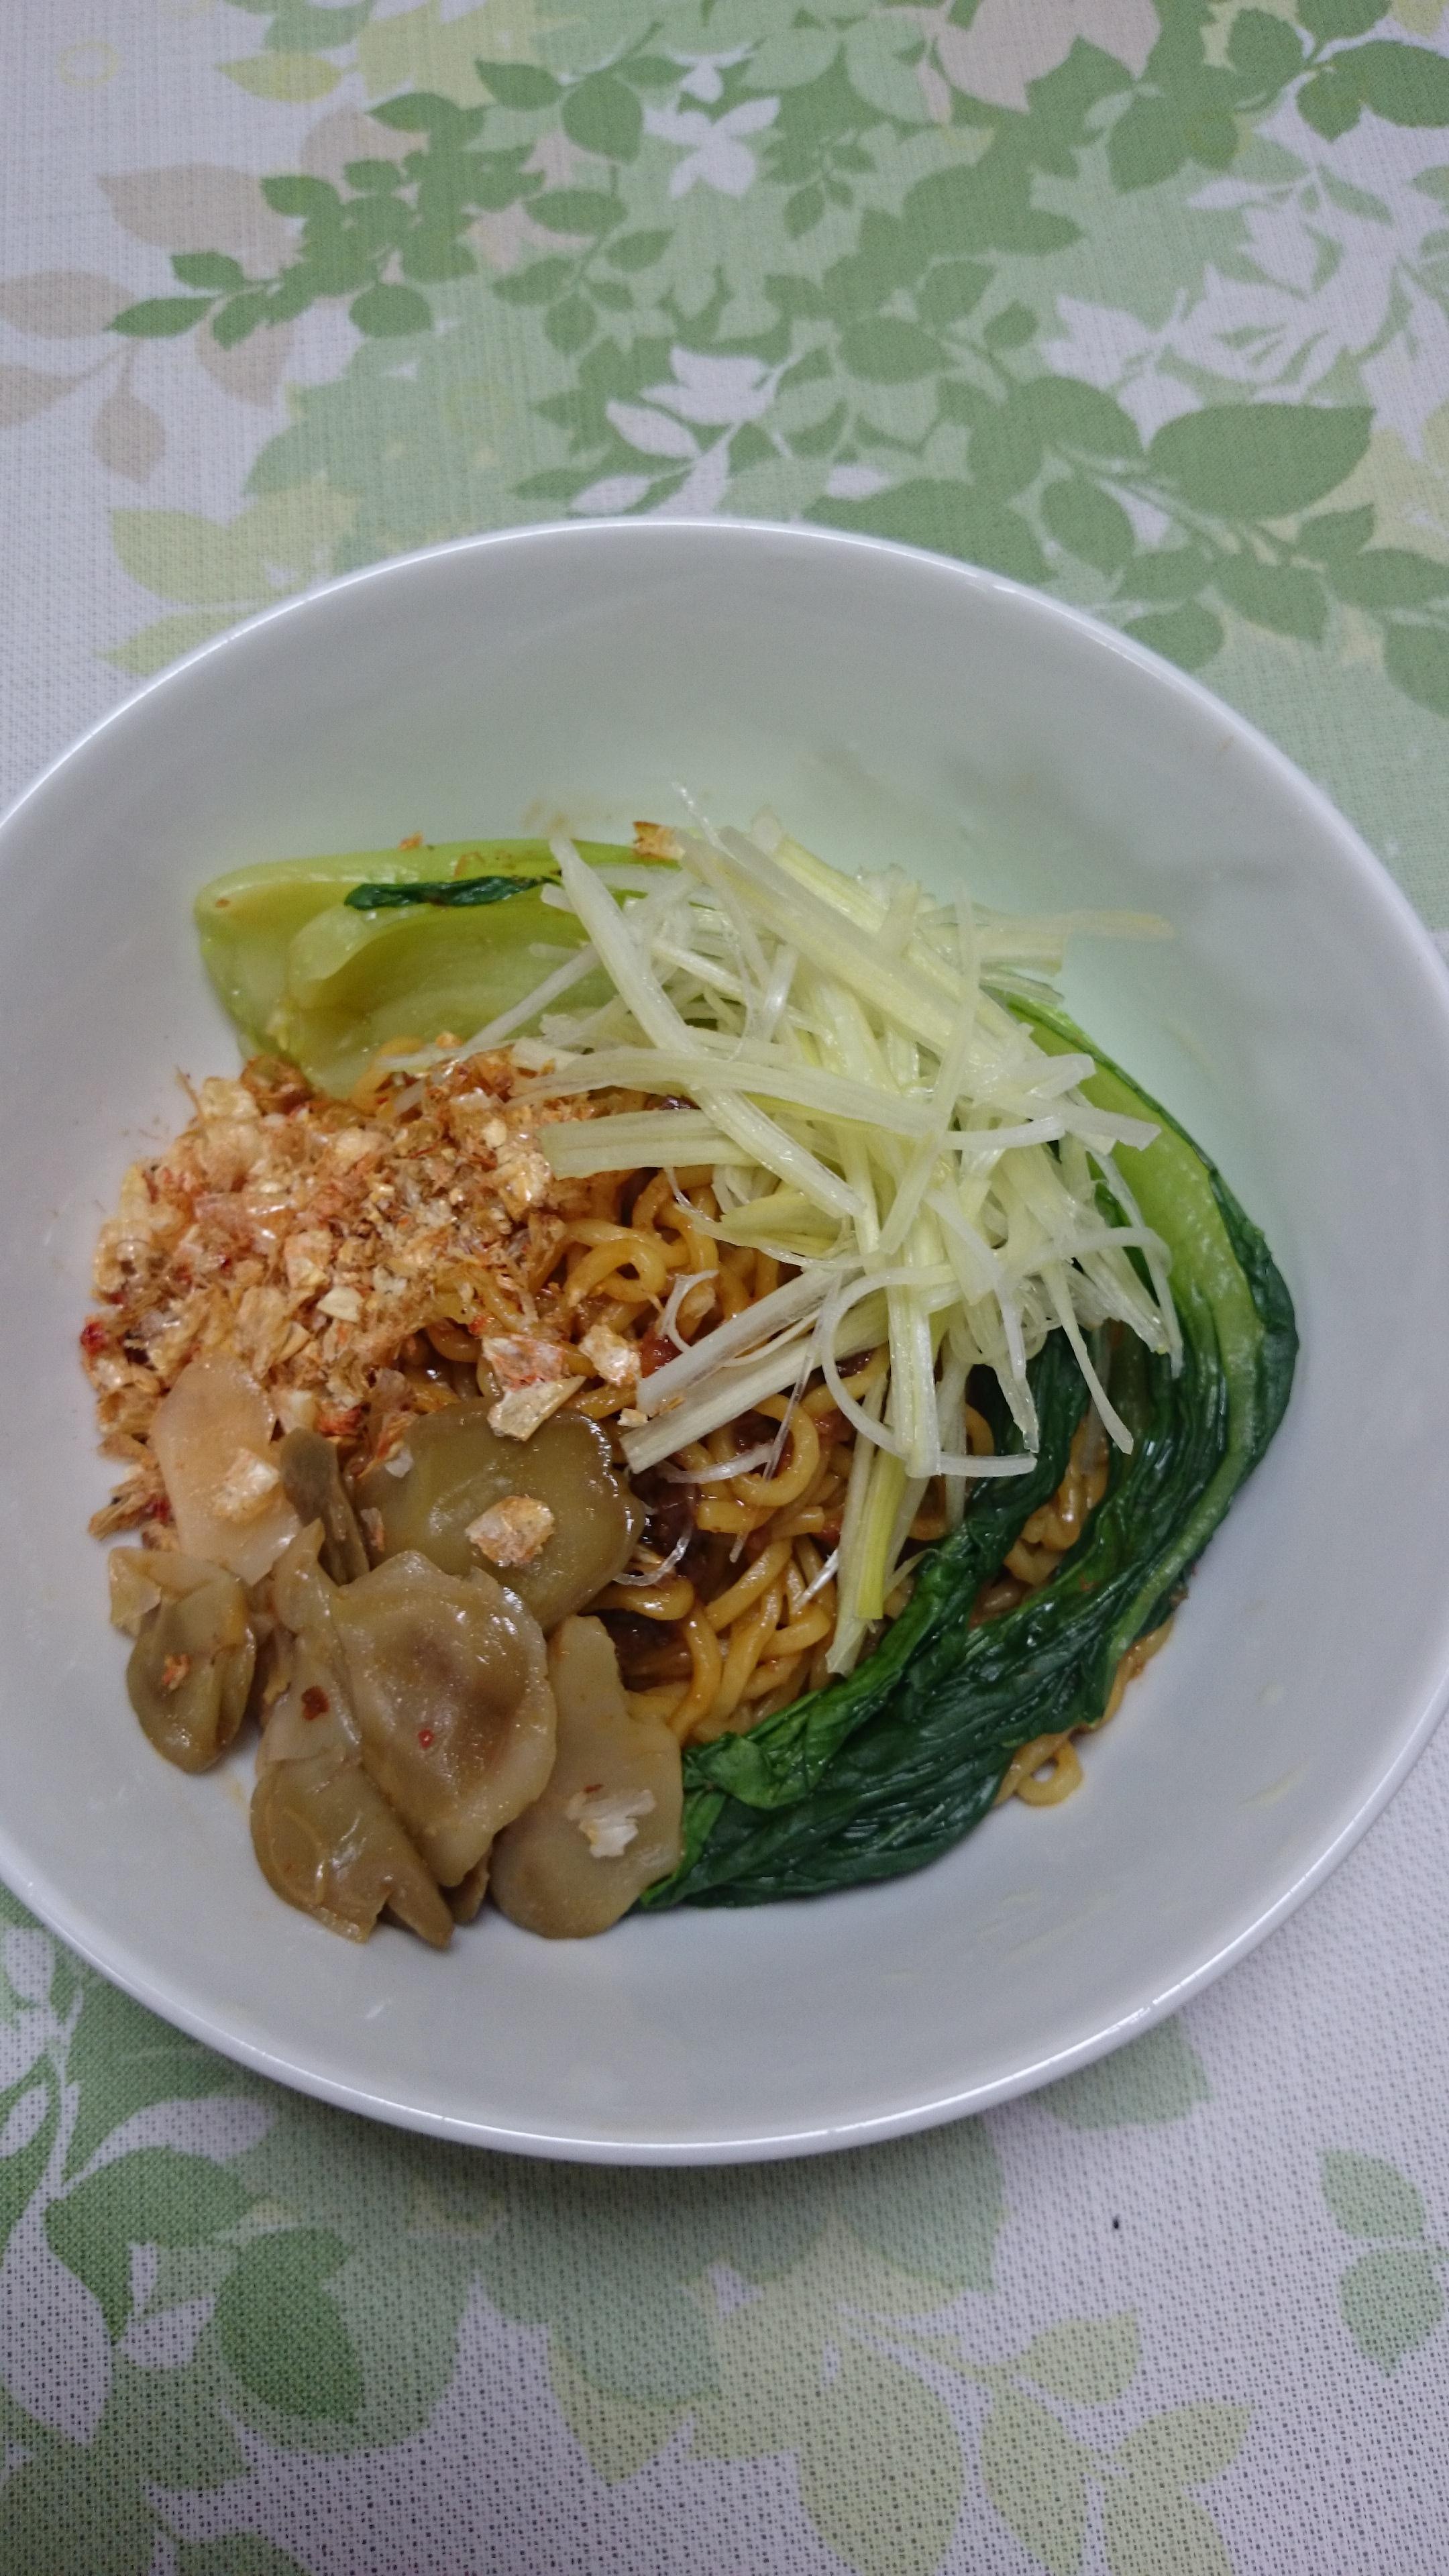 tc様DSC_1790製麺技能士謹製麺使用レシピイベント